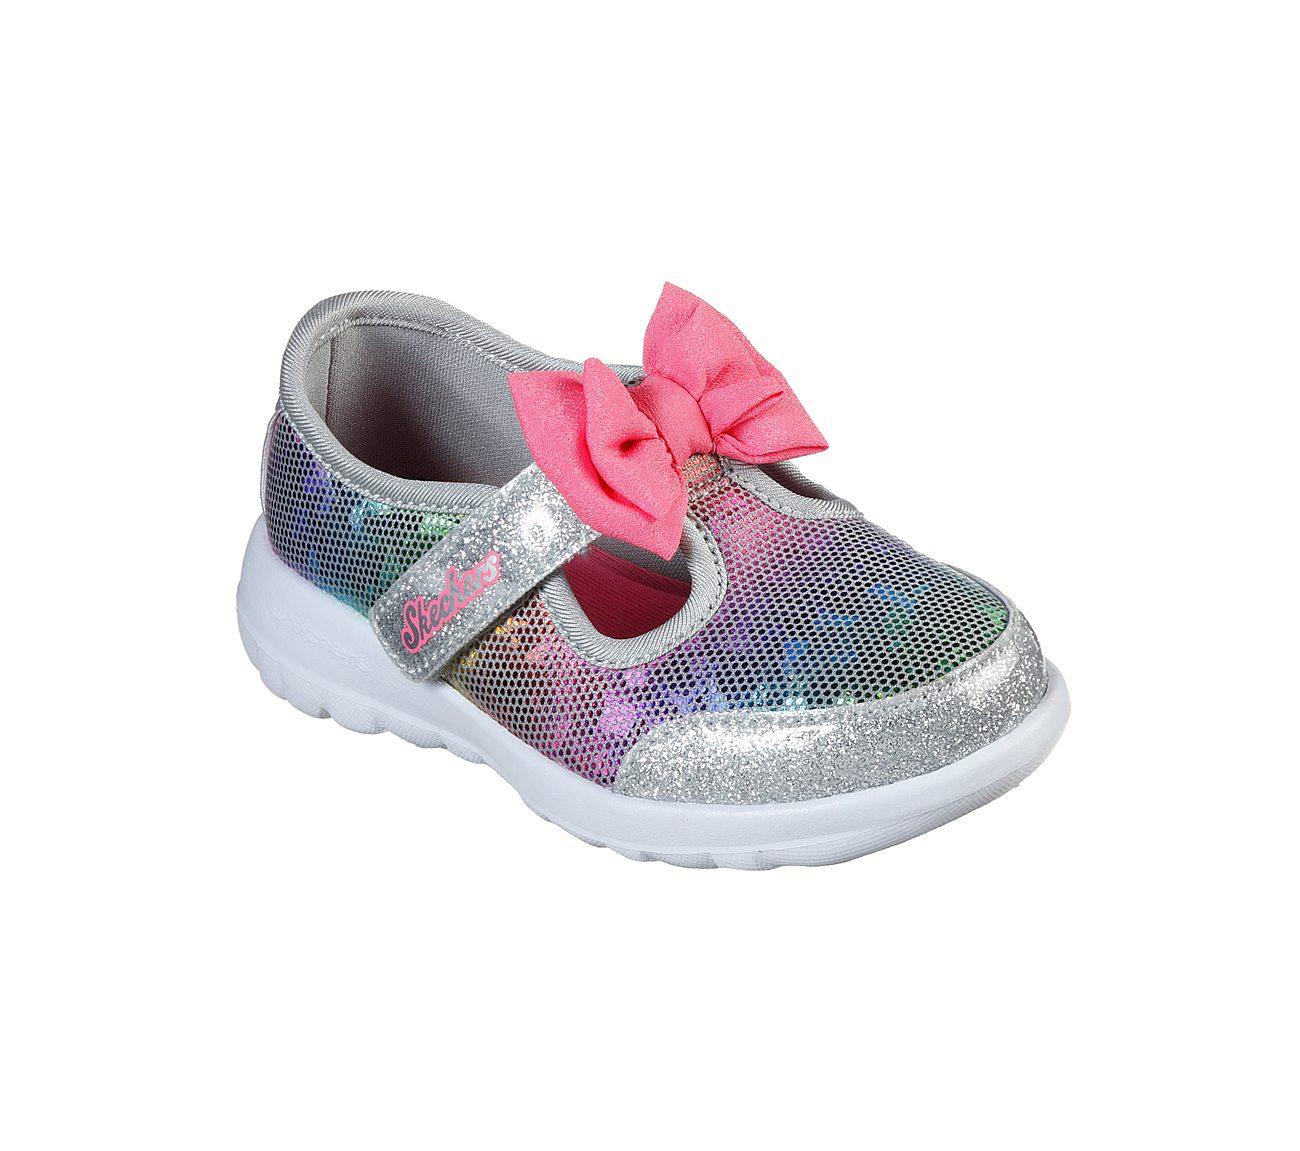 Skechers GOwalk Joy - Bitty Glam